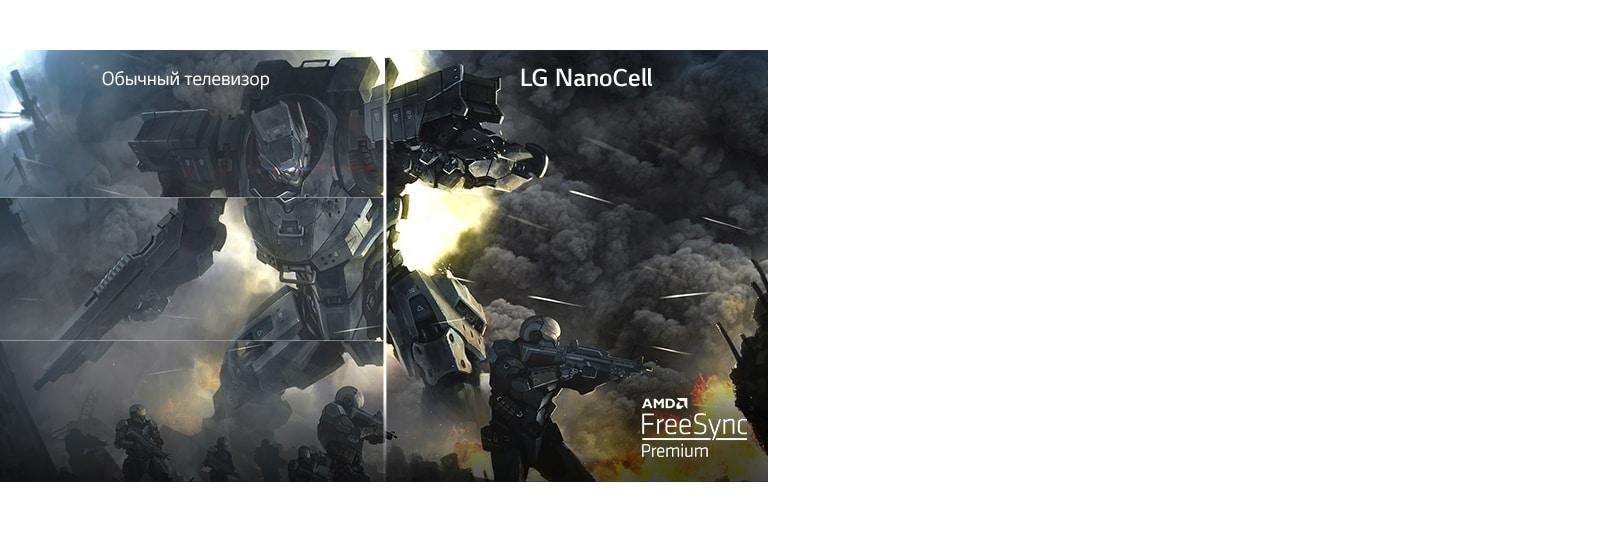 На обычном телевизоре показана игра с разрывами изображения; на другой половине демонстрируется изображение на телевизоре LG NanoCell без разрывов.